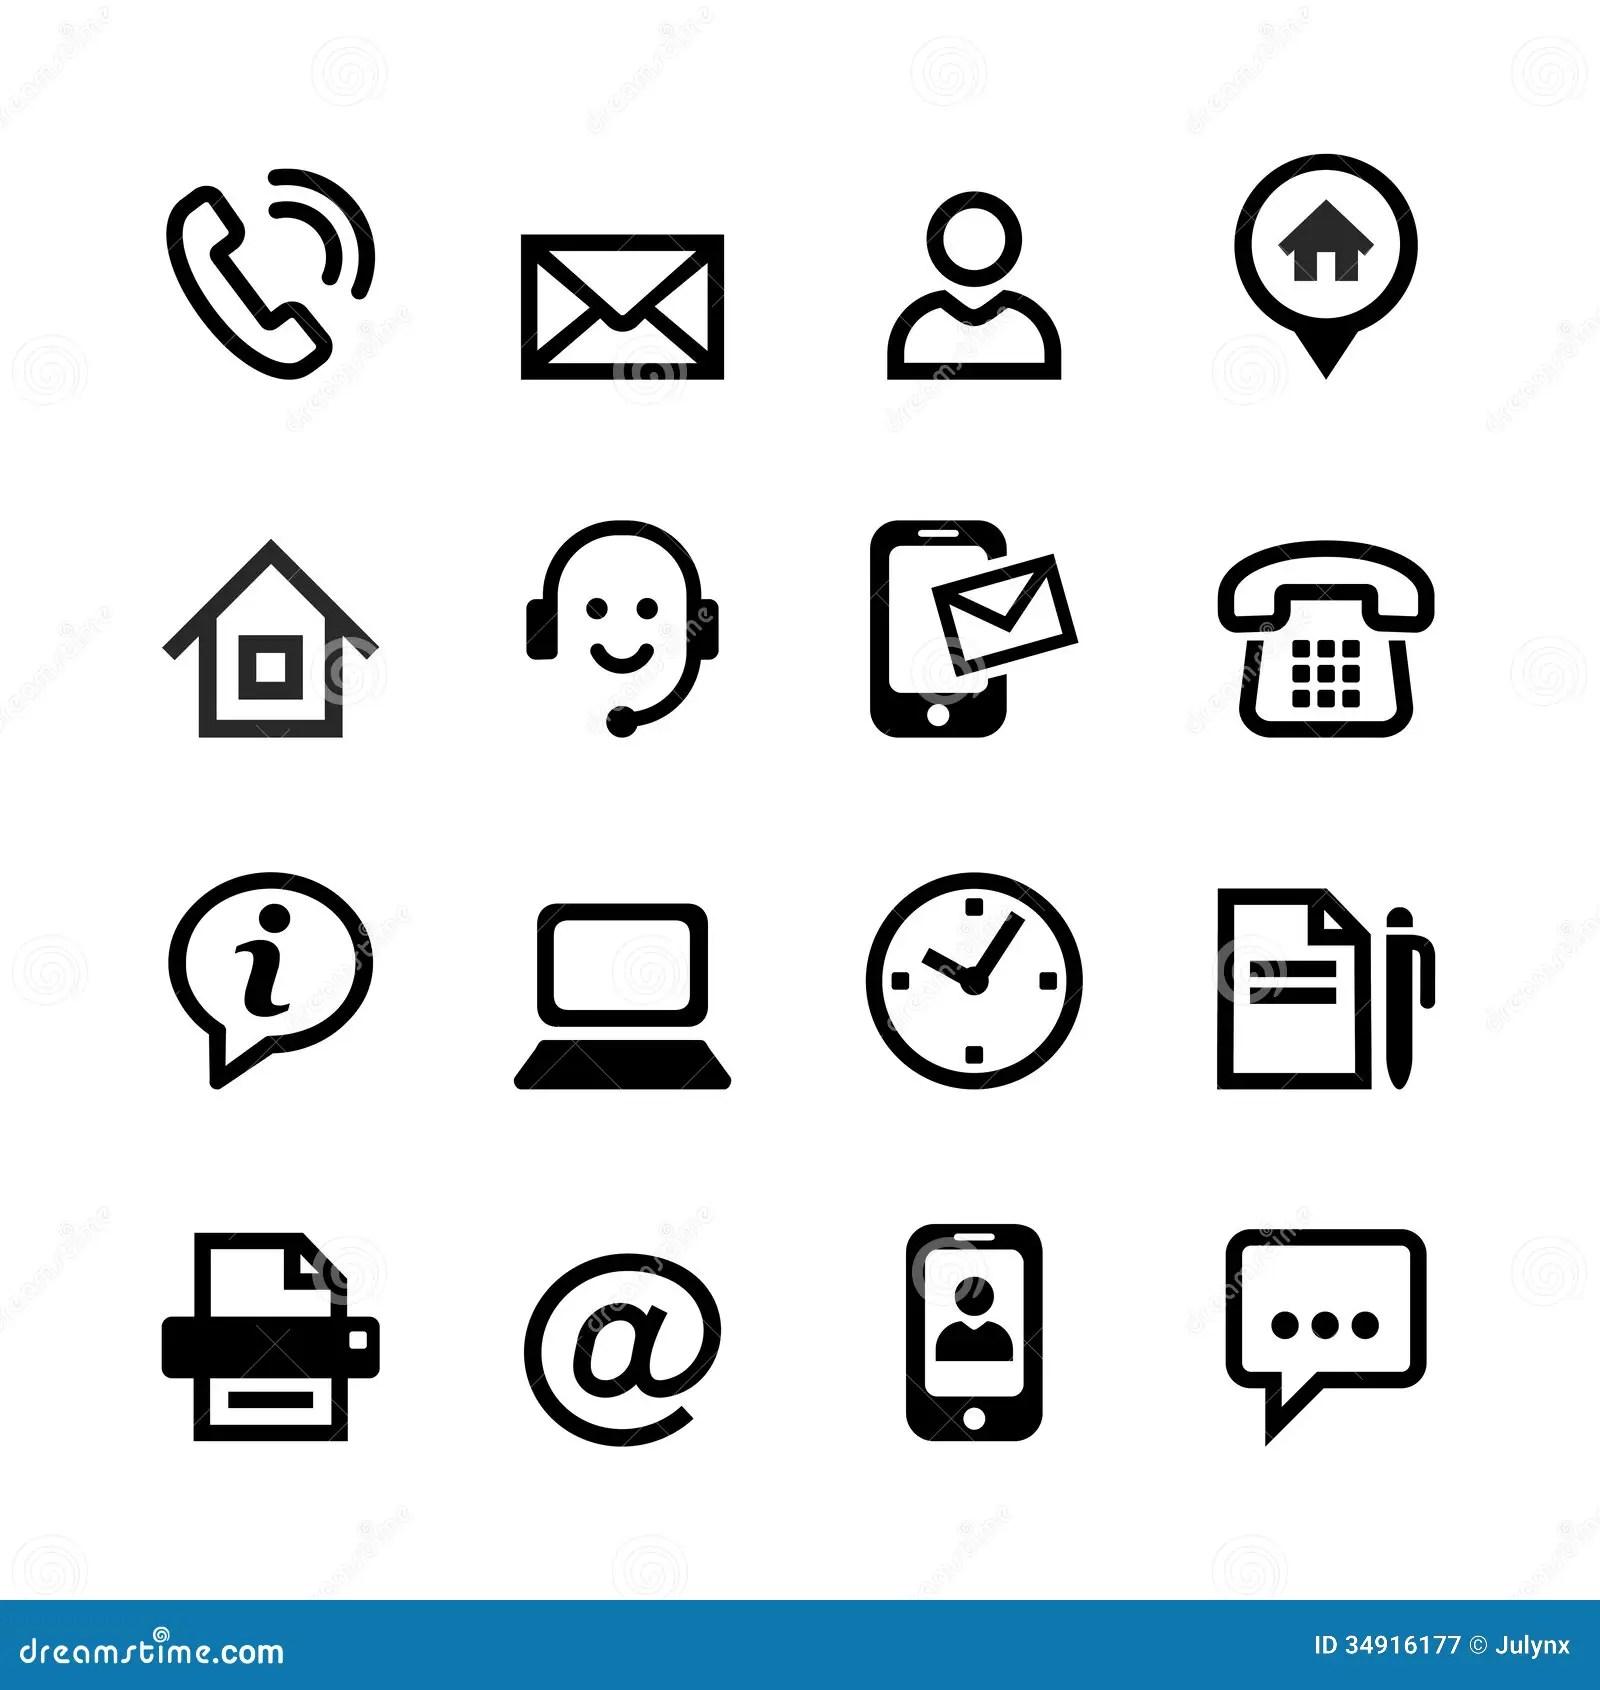 16 Basic Icons